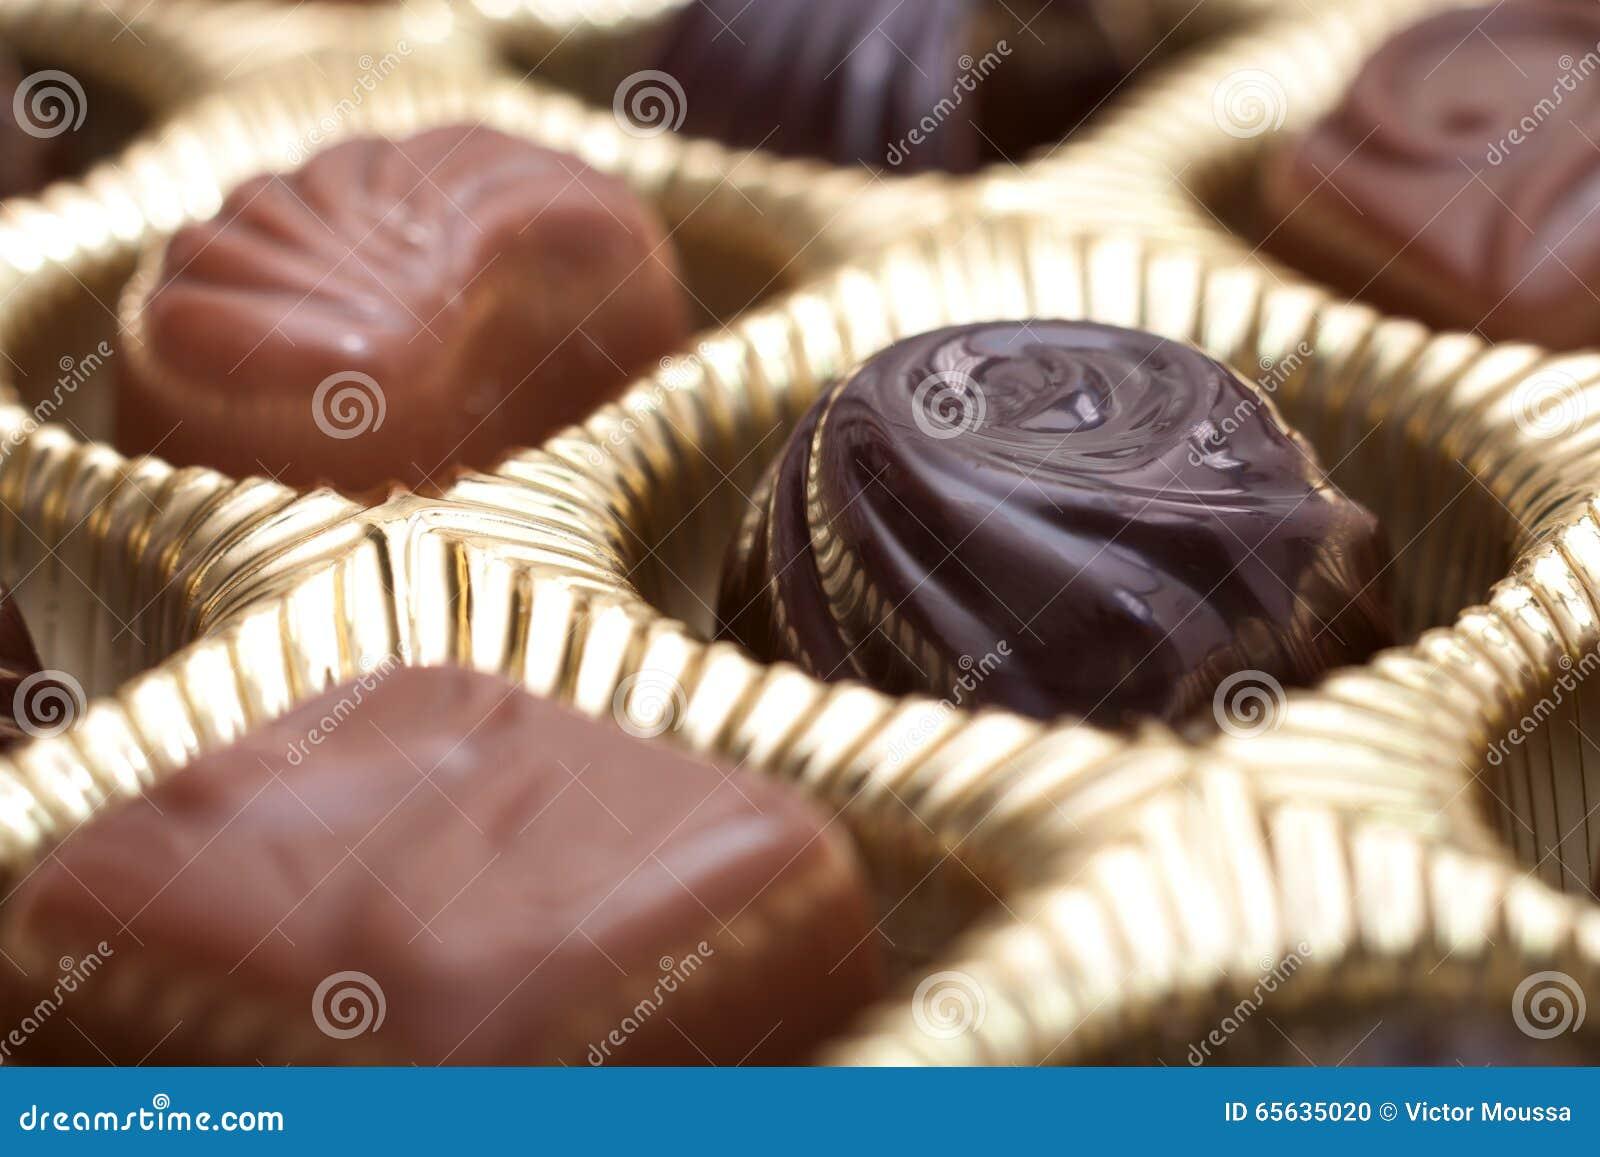 Boîte de chocolats en paquet d or